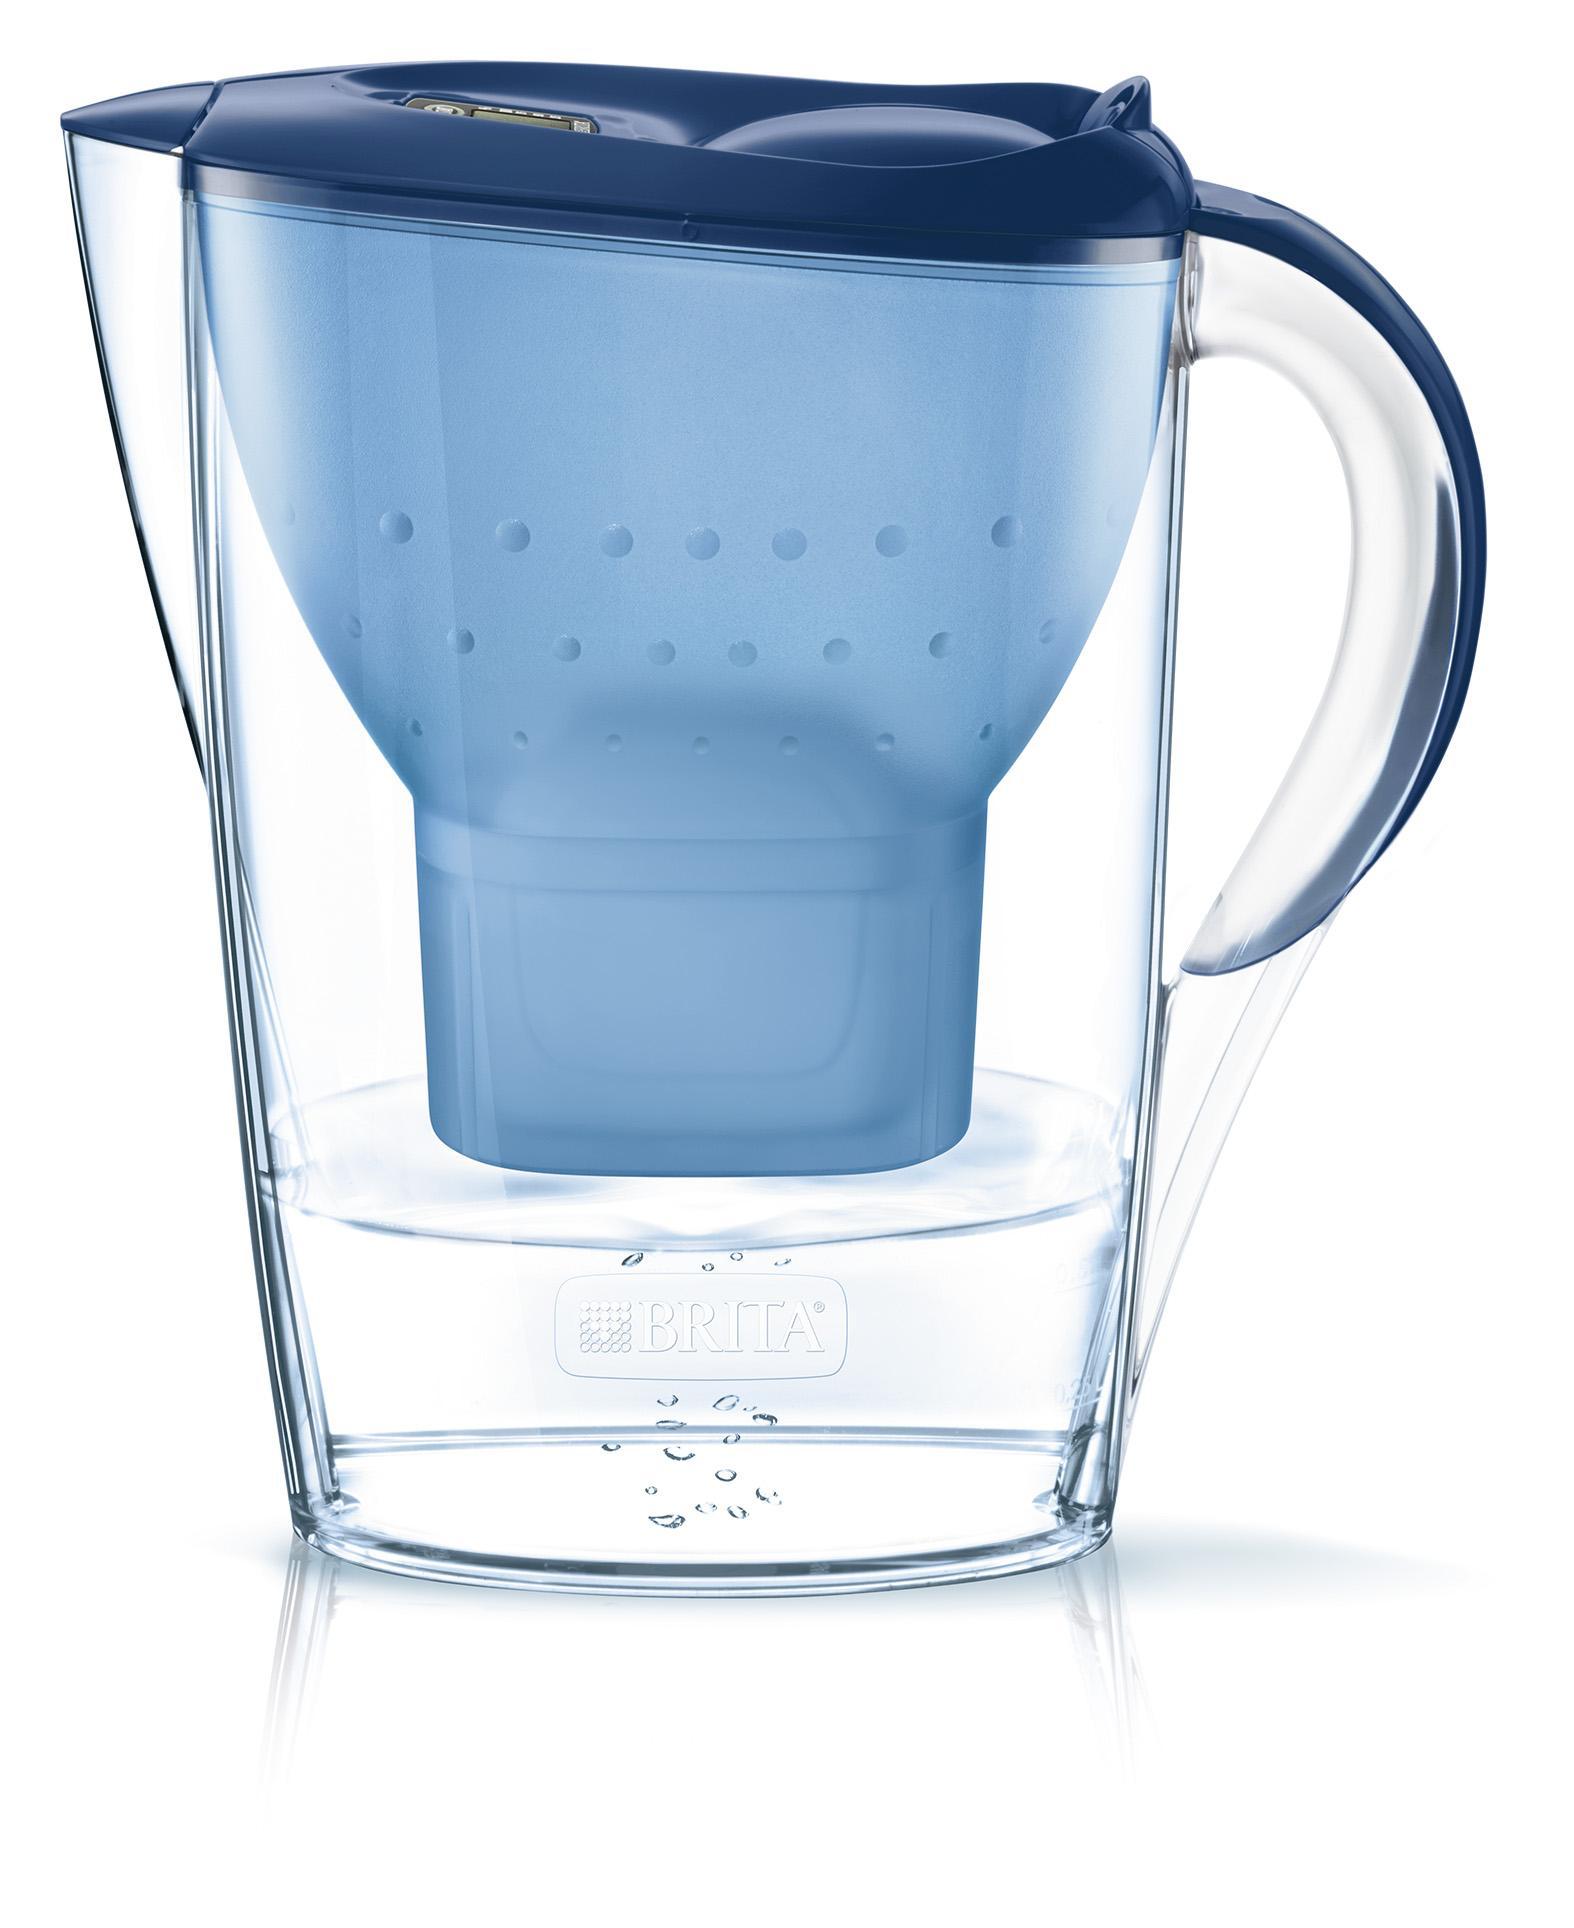 BRITA Wasserfilter Marella blau inkl. 1 MAXTRA+